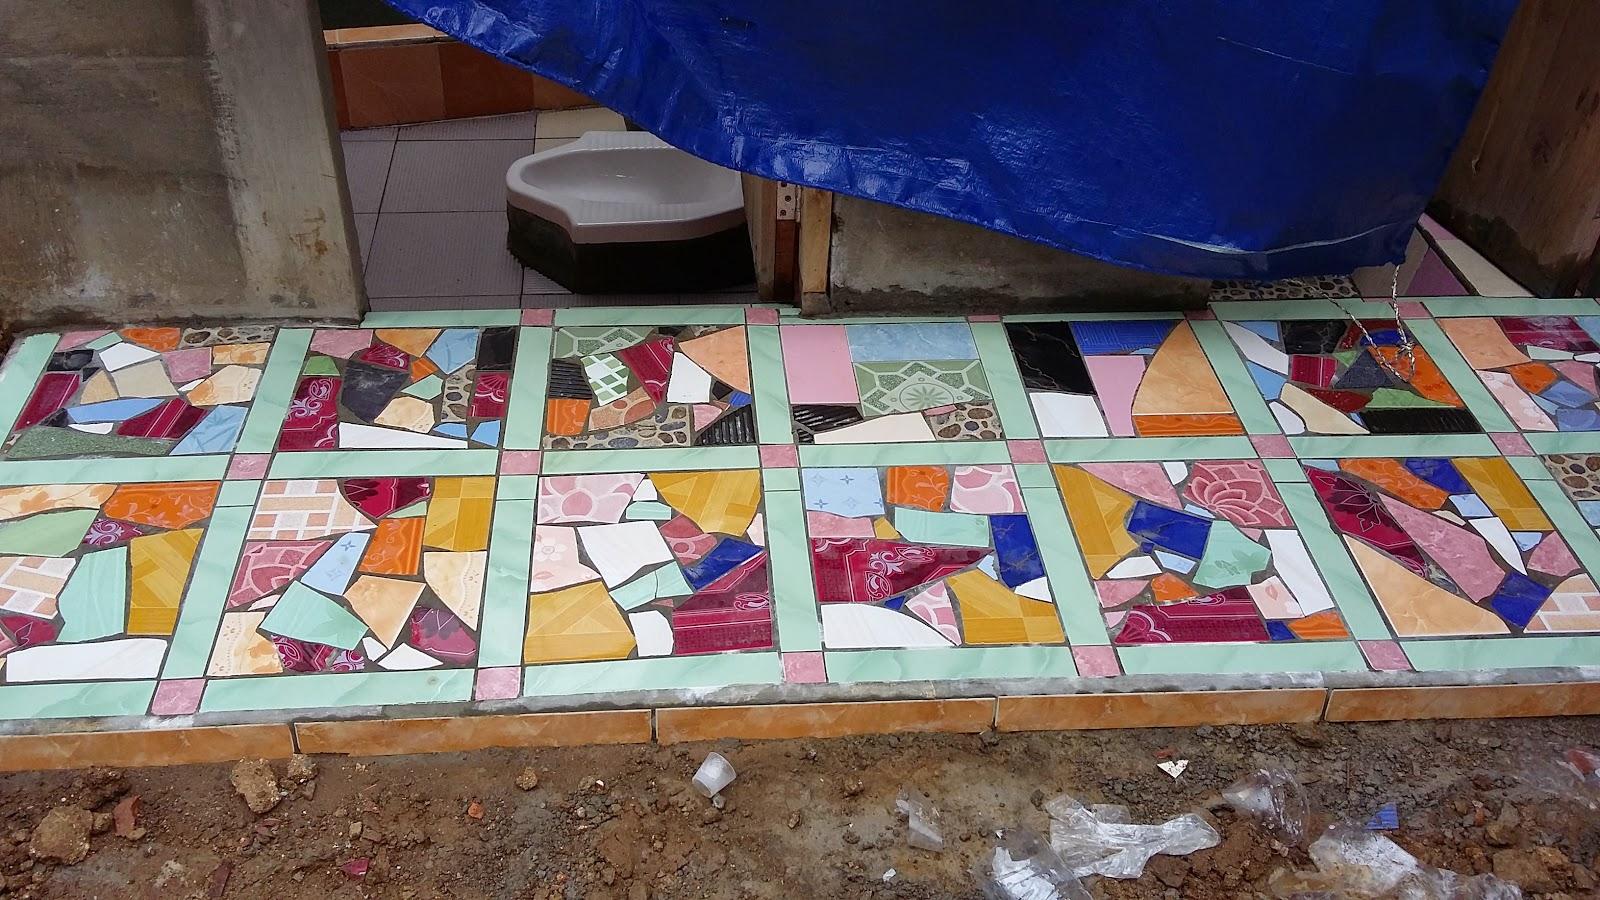 mozaik drdari limbah keramik